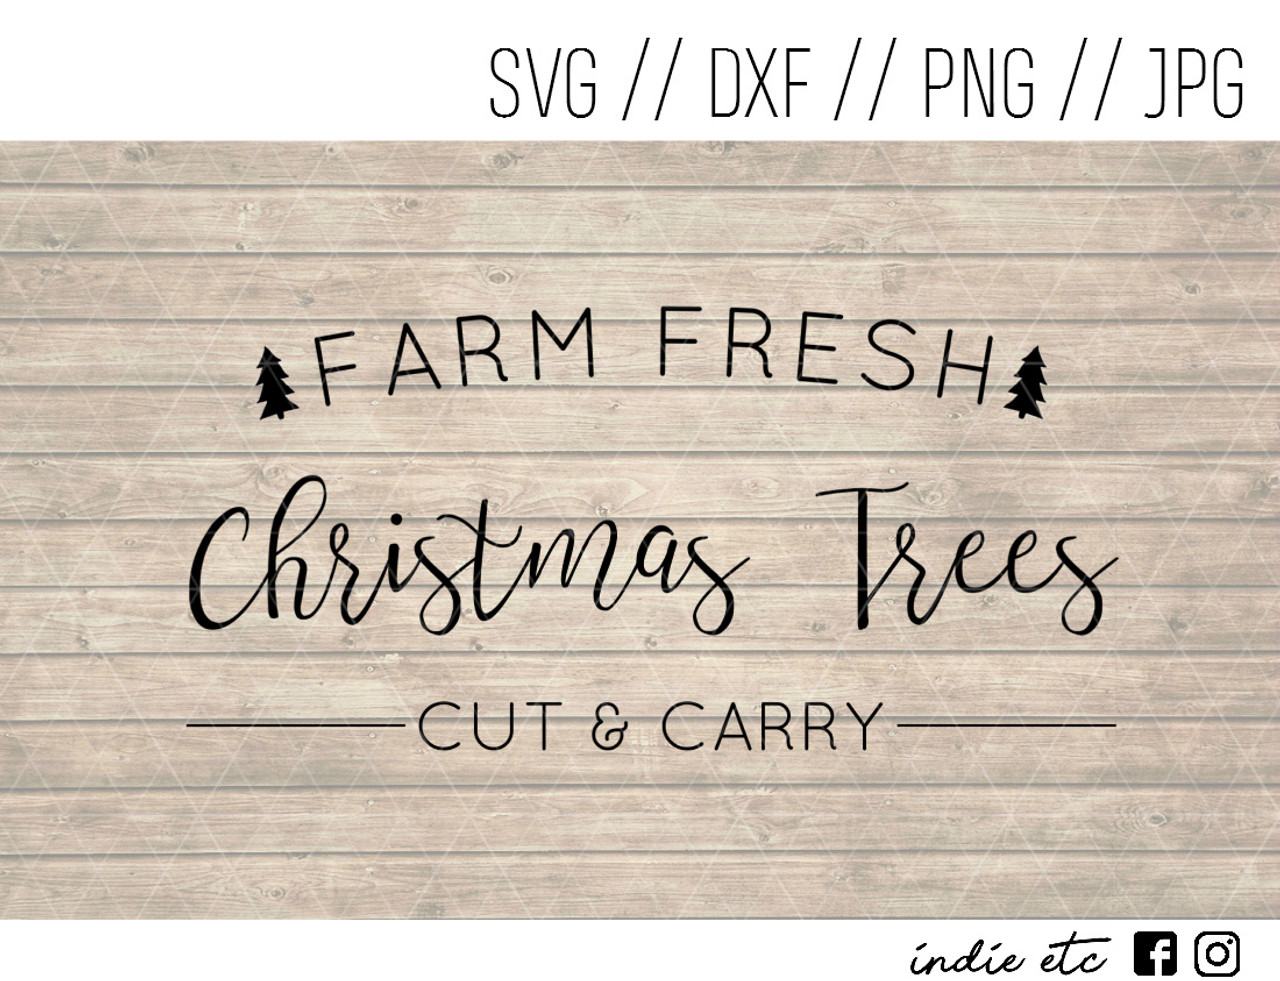 Fresh Christmas Trees Svg.Farm Fresh Christmas Trees Digital Art File Svg Dxf Png Jpeg Cut File